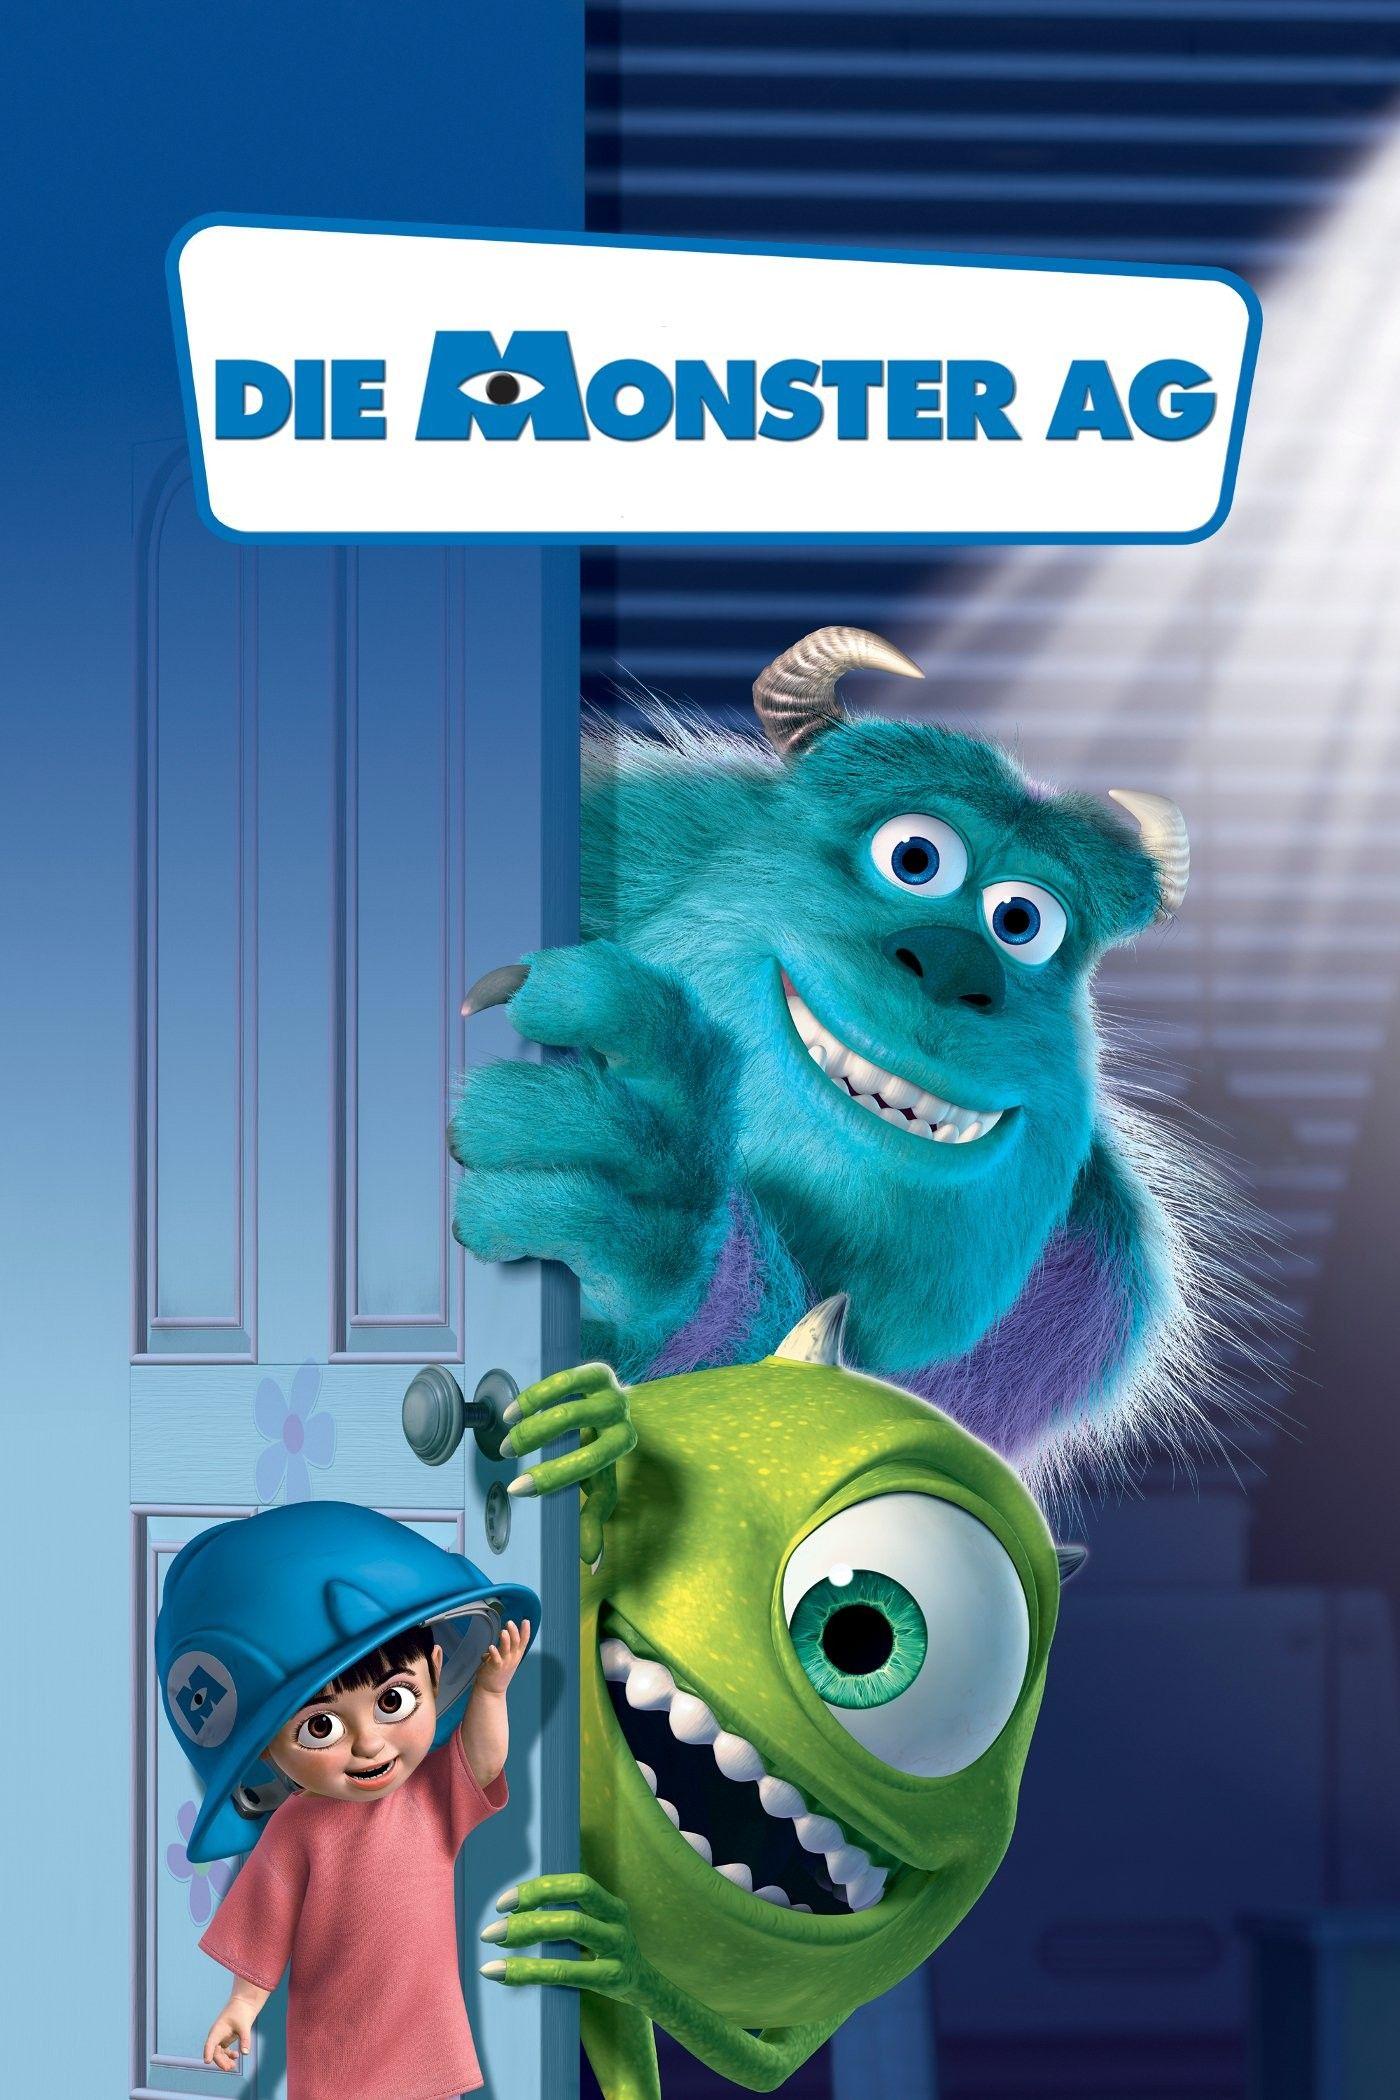 Die Monster Ag Kostenlos Online Anschauen 2001 Hd Full Film Deutsch Kinderfilme Animationsfilme Pixar Filme